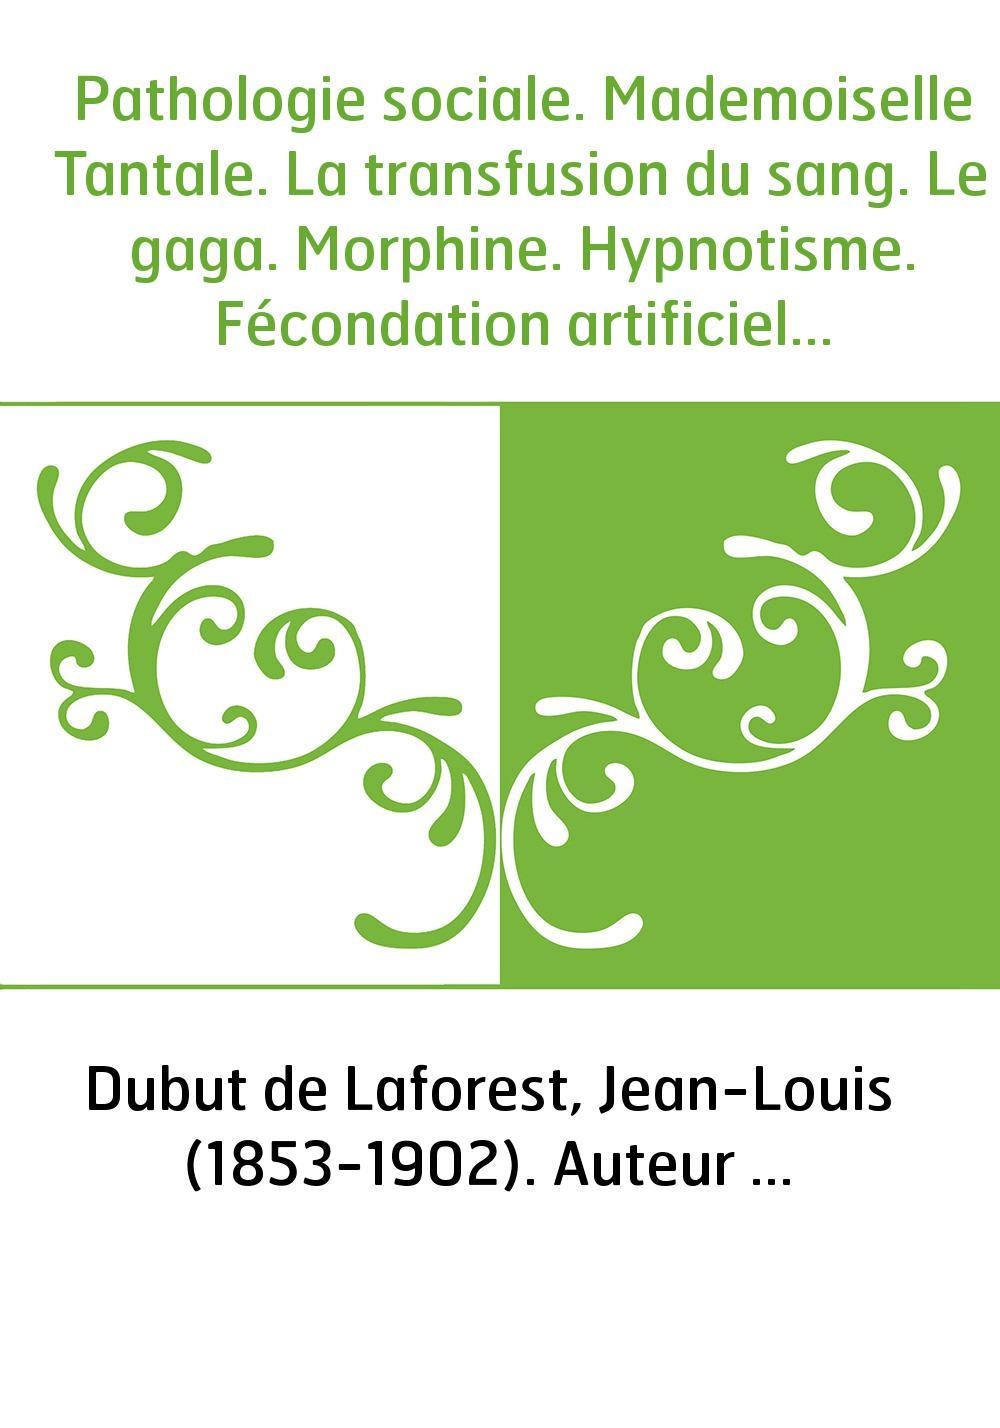 Pathologie sociale. Mademoiselle Tantale. La transfusion du sang. Le gaga. Morphine. Hypnotisme. Fécondation artificielle. Monom